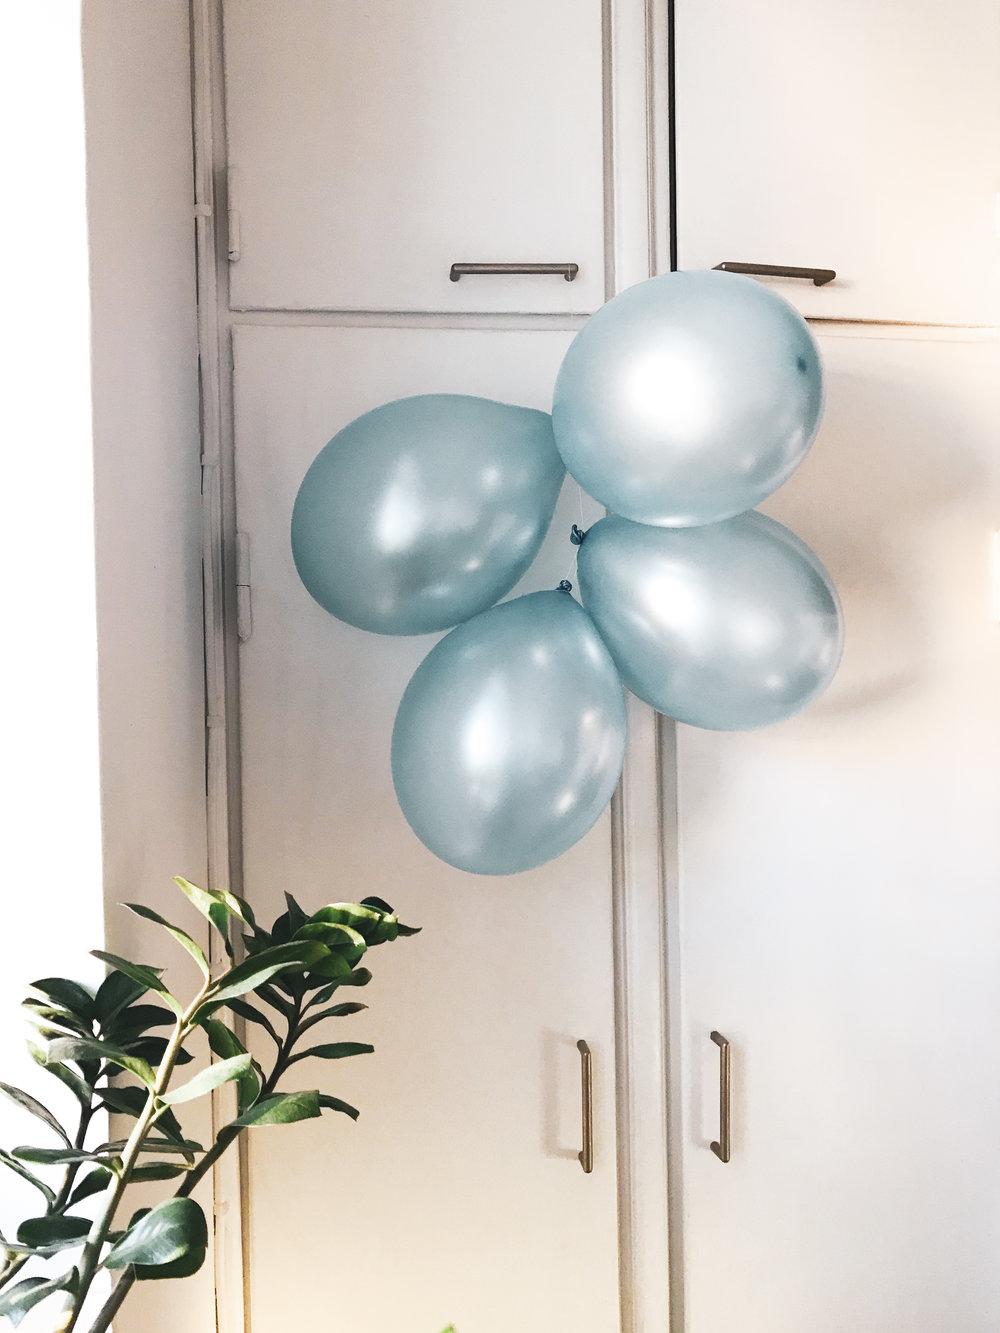 babyshower-balloons.jpg